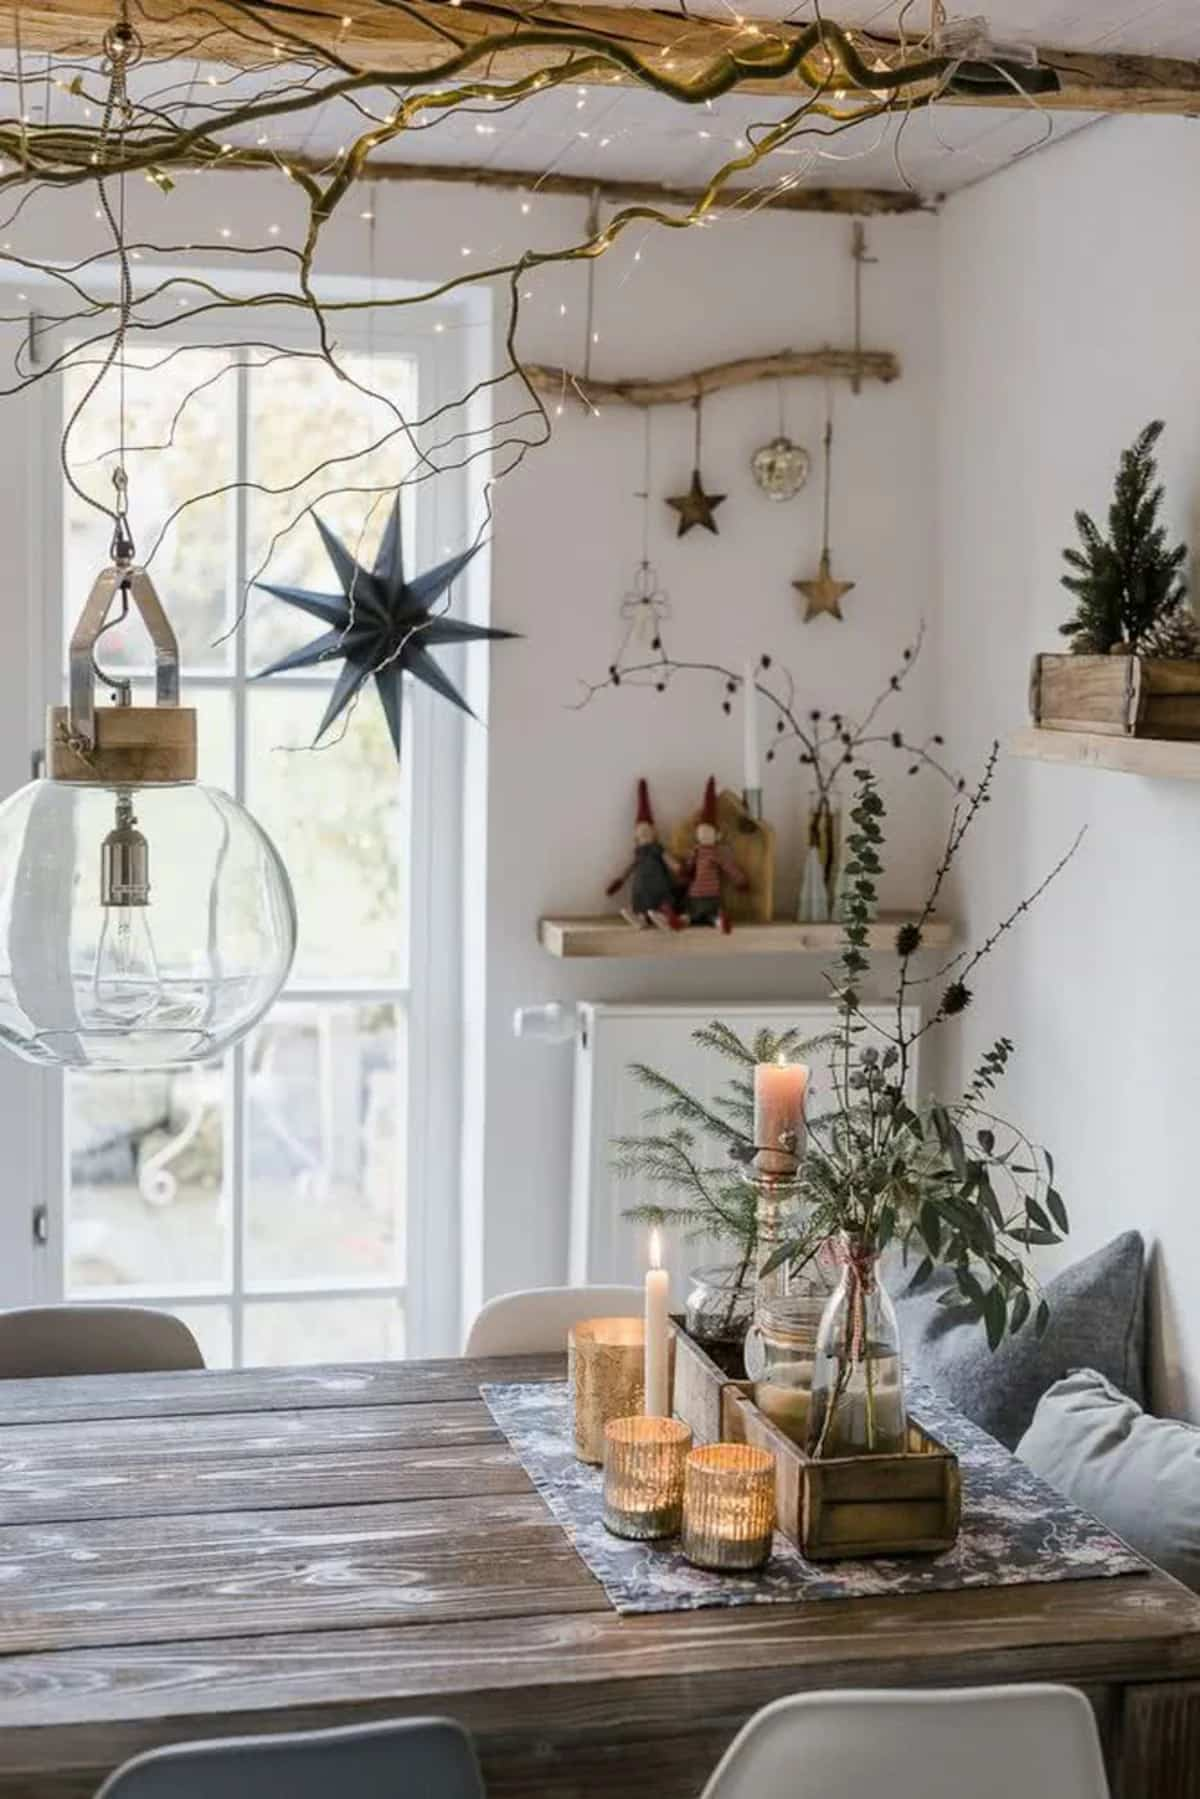 decoracion de navidad ideas y tendencias 2020 2021 11